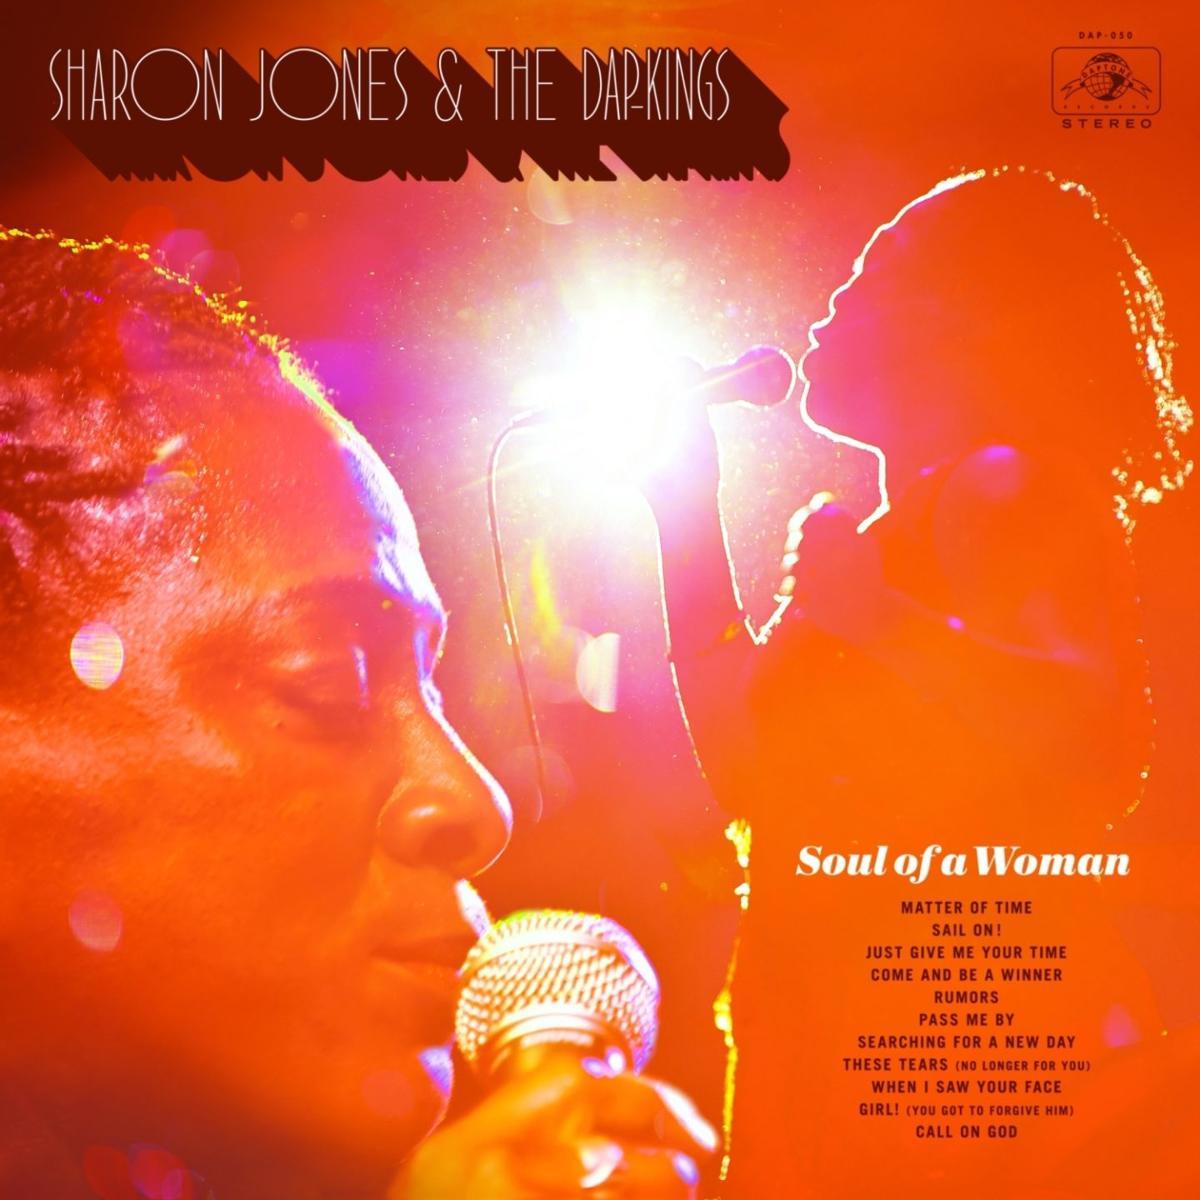 Sharon Jones  & The Dap-Kings album art for Red